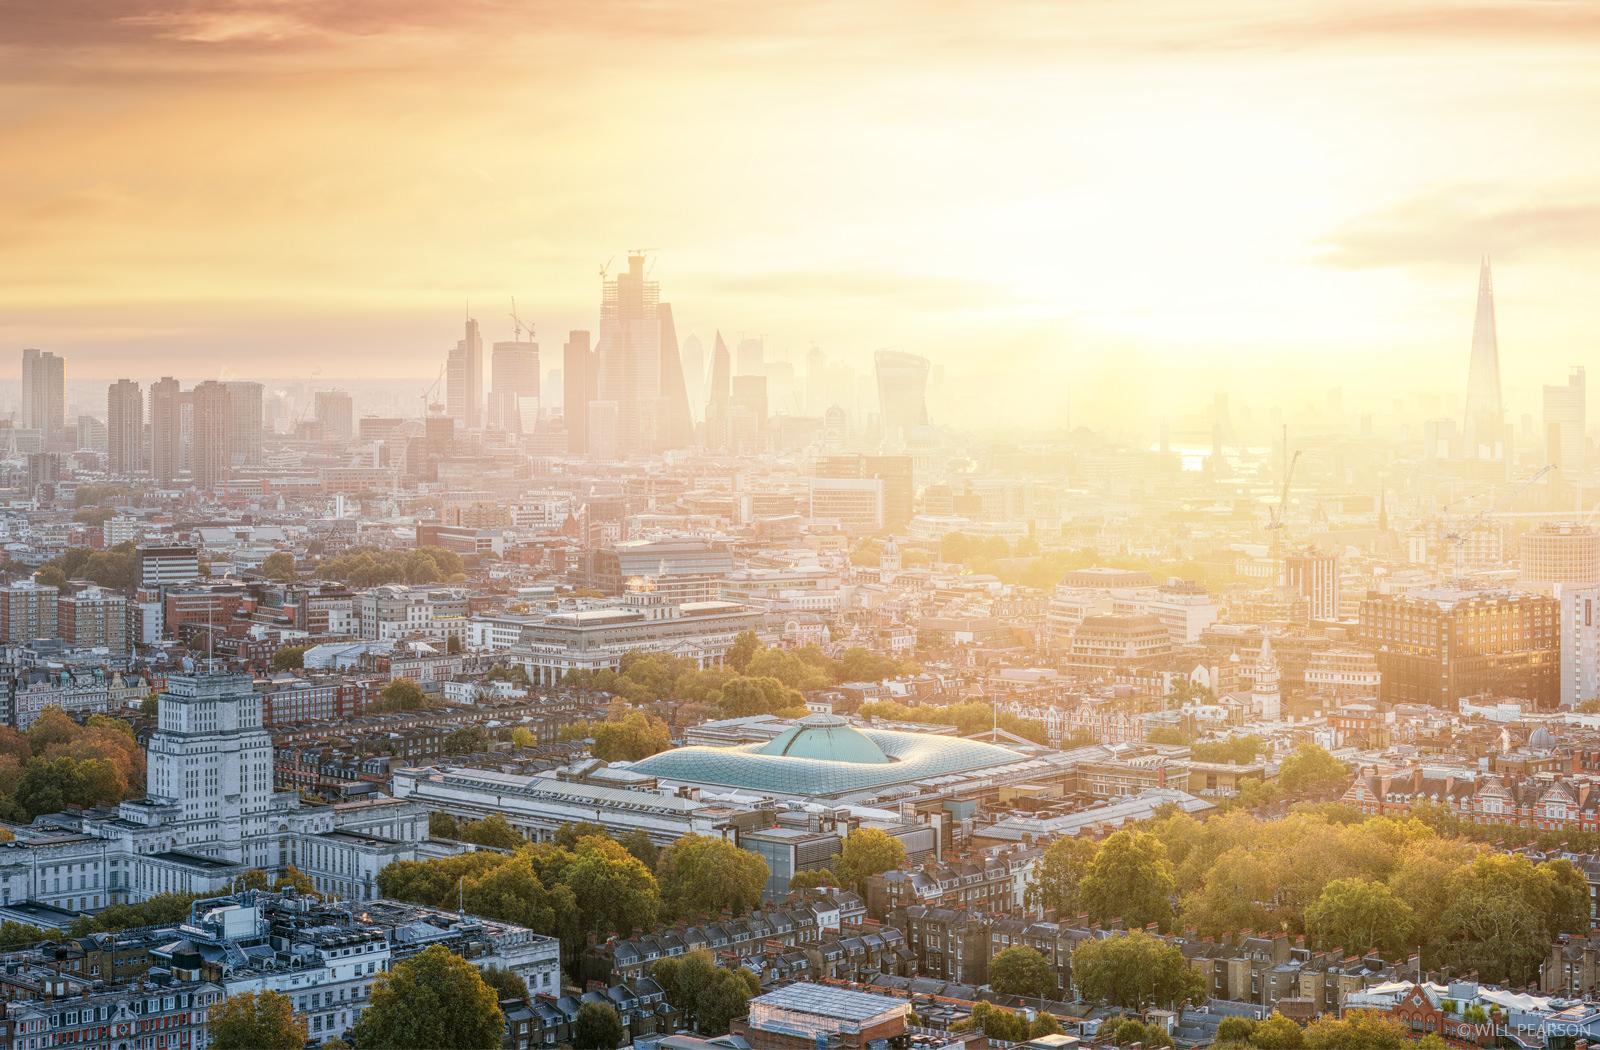 London Begins